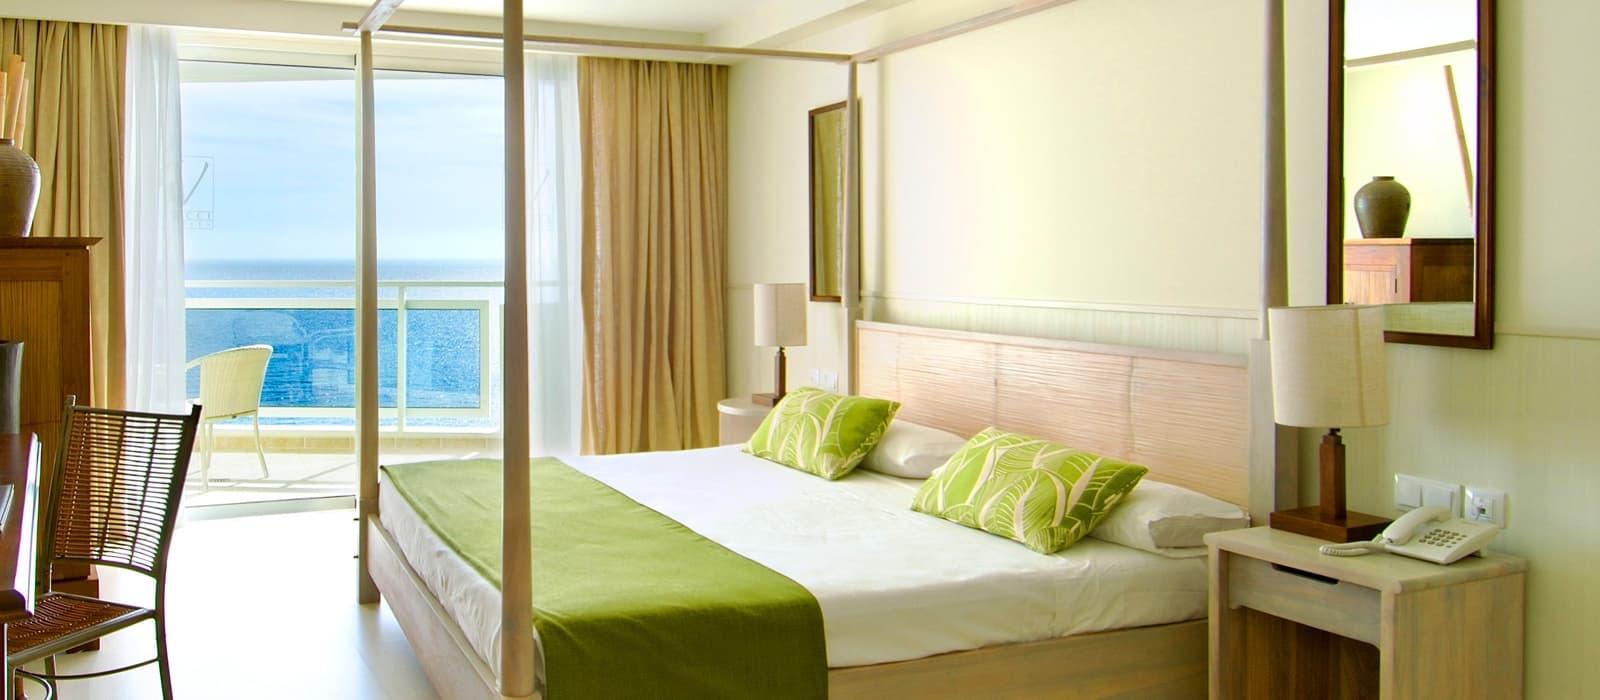 Hoteles Vincci. Hotel Vincci Tenerife Golf